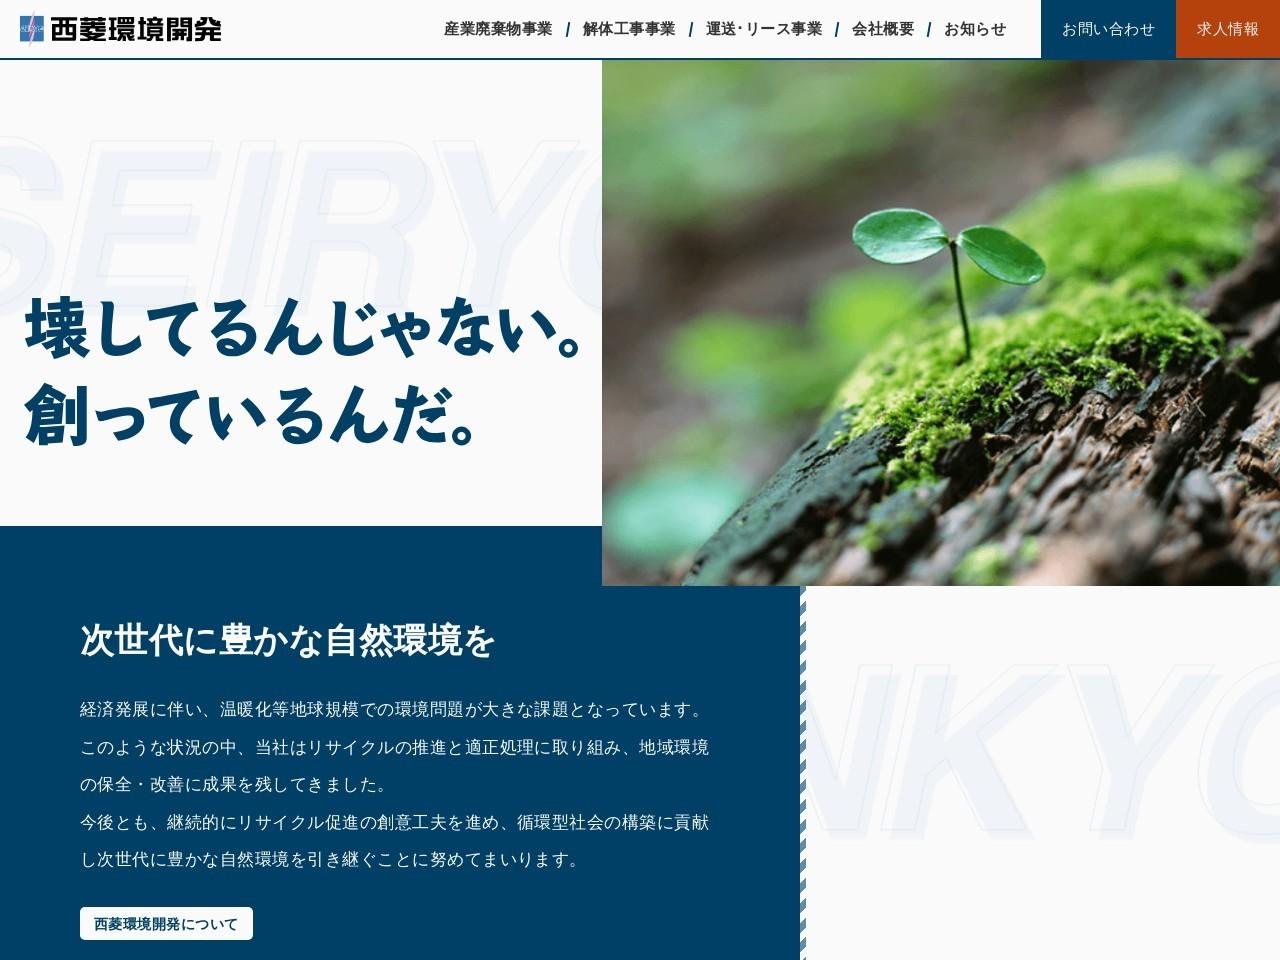 株式会社西菱環境開発